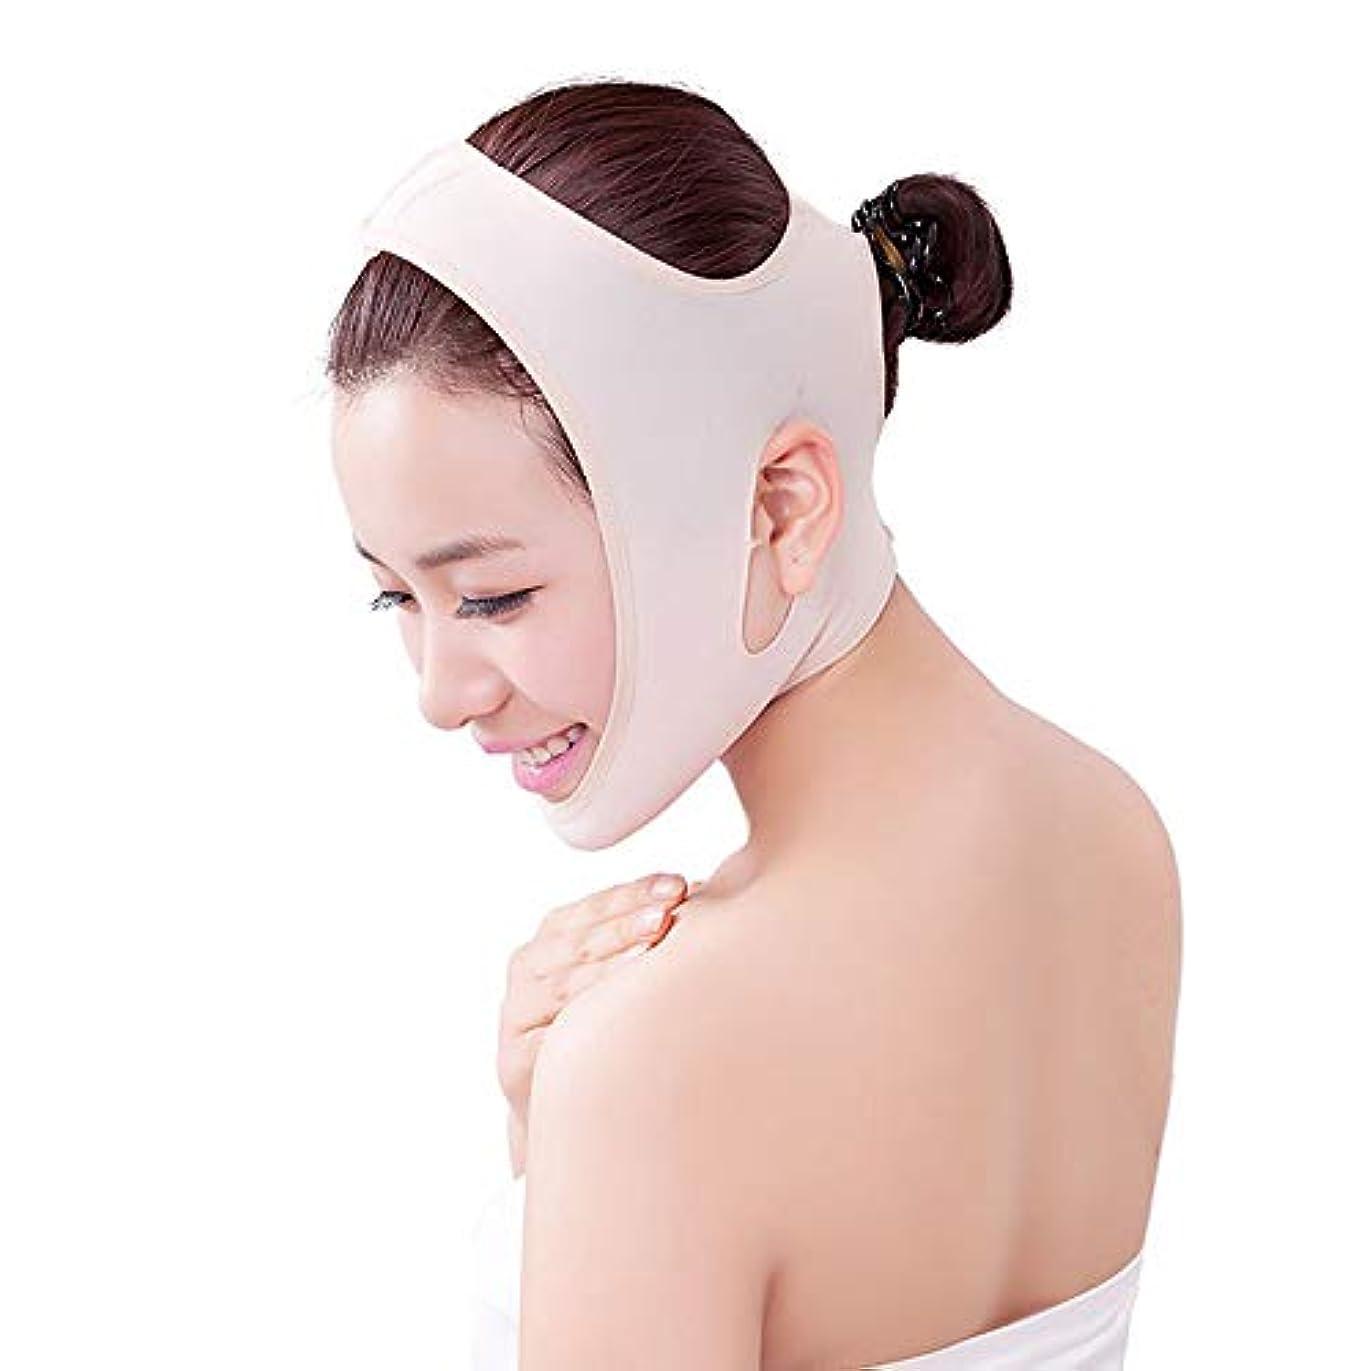 ポット輝度撤回するMinmin 顔の持ち上がる痩身ベルト - アンチエイジングリンクルフェイスマスクベルトあなたの顔のためのすばらしい試し二重あごの試し みんみんVラインフェイスマスク (Size : L)